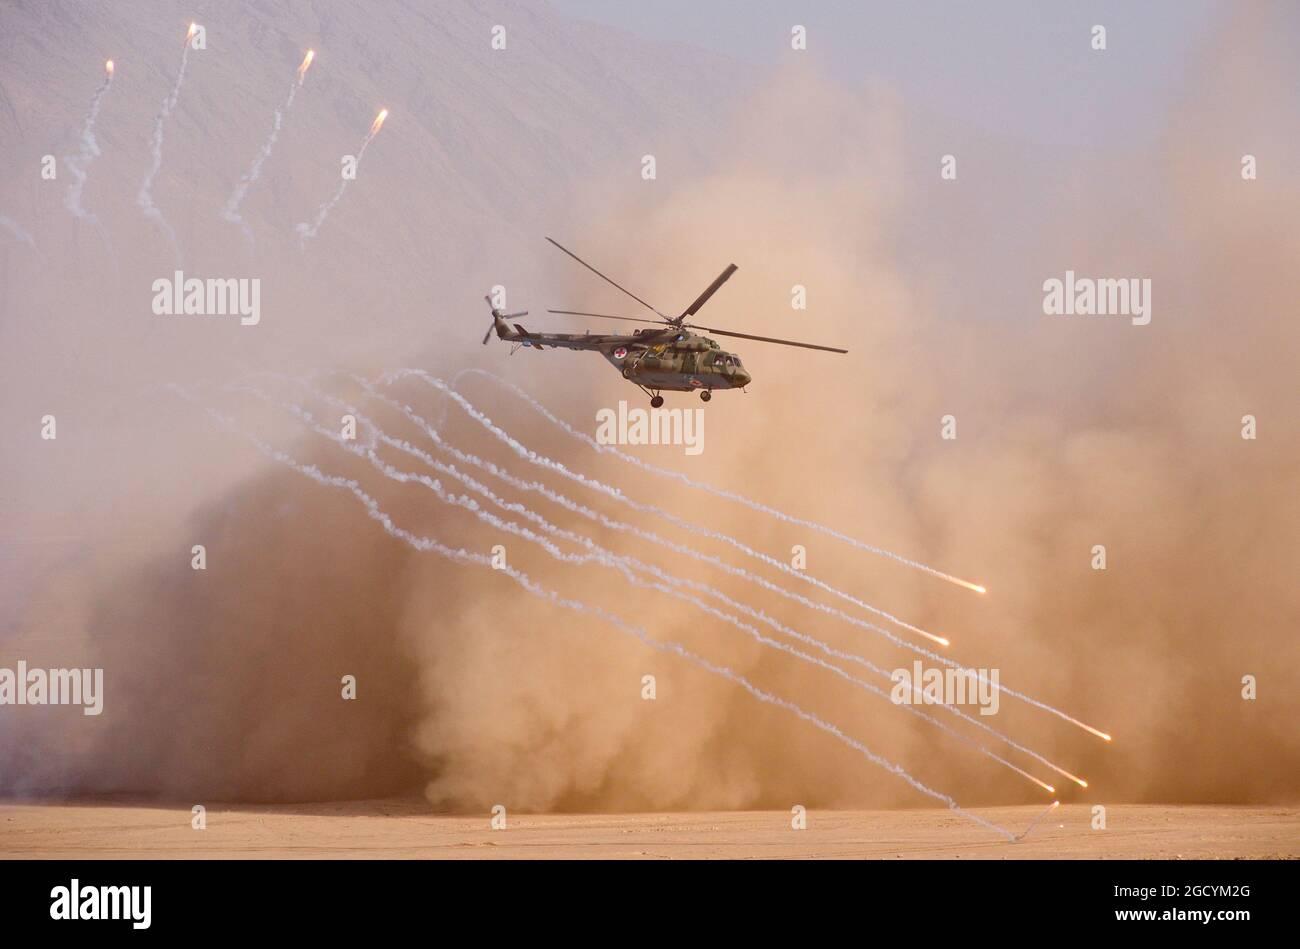 Region Khatlon, Tadschikistan. August 2021. Während einer gemeinsamen militärischen Übung von Russland, Tadschikistan und Usbekistan auf dem Militärtrainingsgelände Harb-Maidon, 20 km von der Grenze zu Afghanistan entfernt, wird ein Hubschrauber gesehen. An der Militärübung, die vom 5. Bis 10. August 2021 stattfindet, nehmen 2,500 Militärangehörende (darunter 1,800 russische Militärangehörende) mit rund 500 Stück militärischer Hardware Teil. Quelle: Nozim Kalandarov/TASS/Alamy Live News Stockfoto